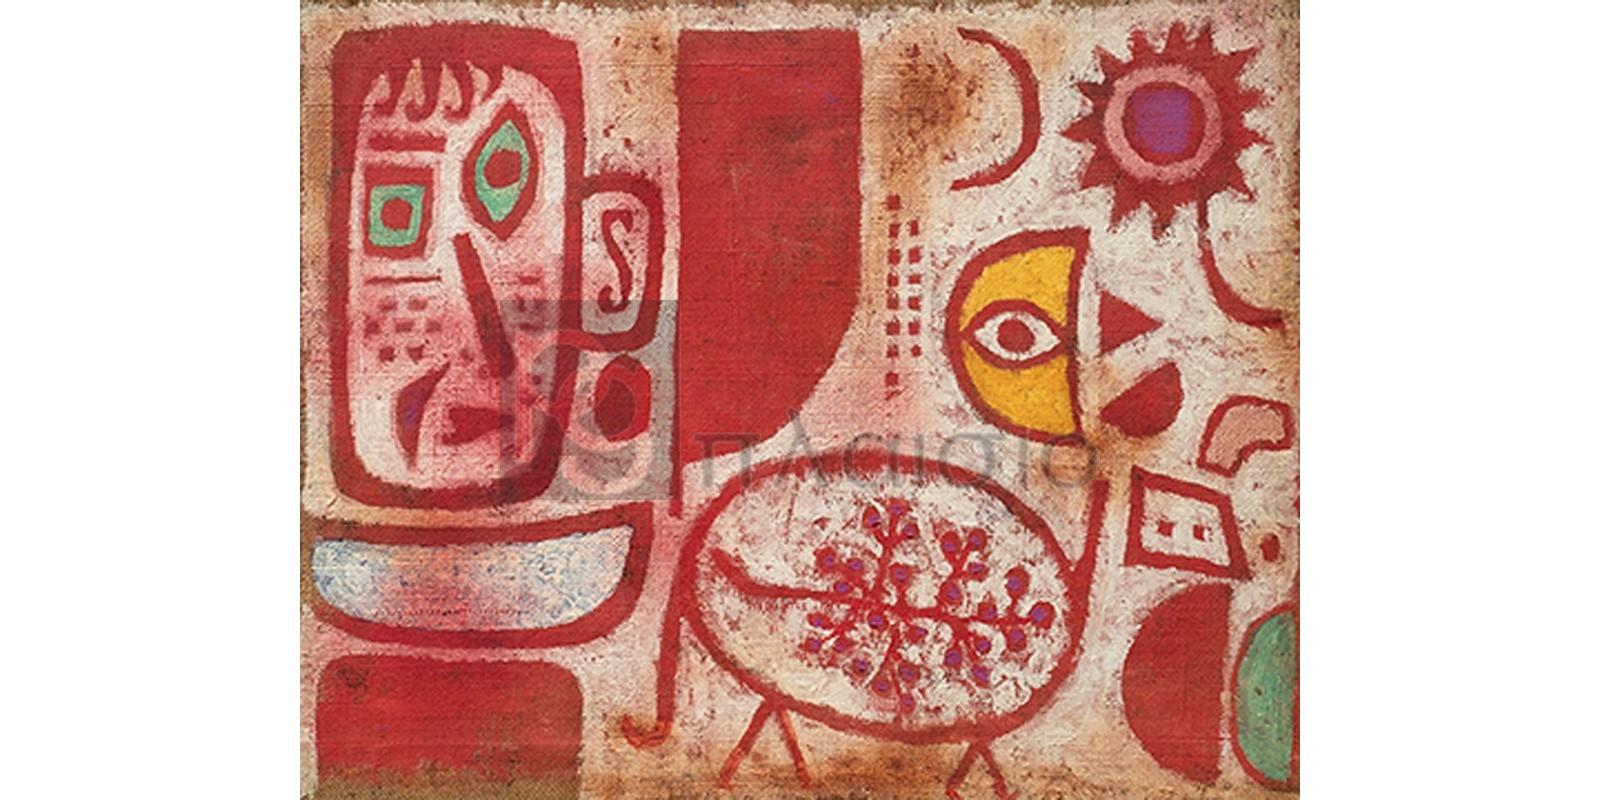 Paul Klee - Rausch